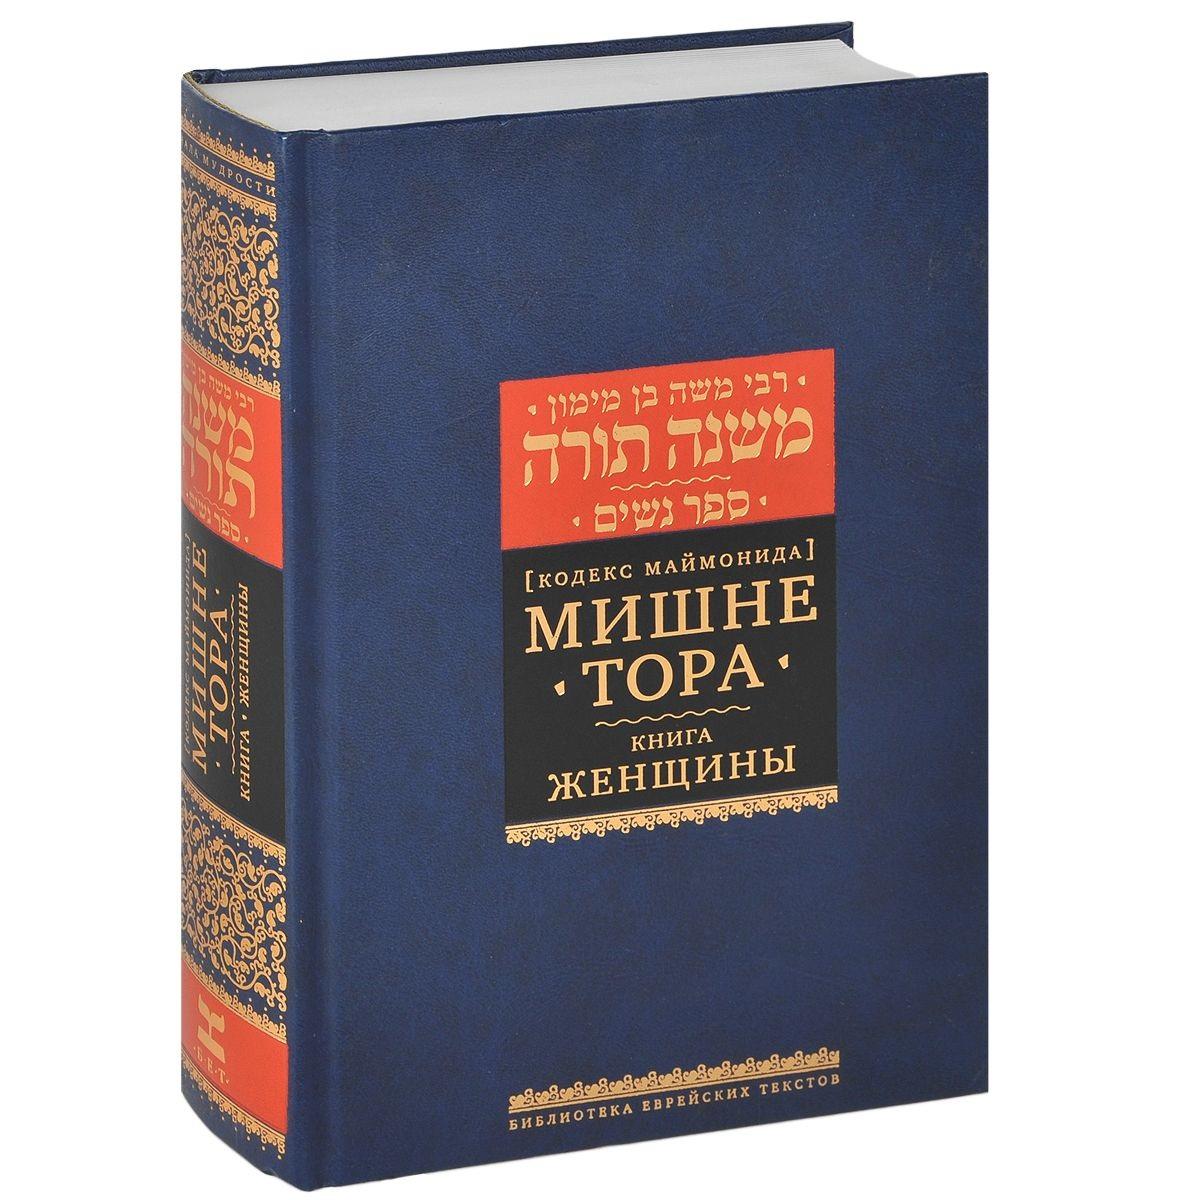 Мишне Тора (Кодекс Маймонида). Книга 4. Женщины тора ор тора свет в 4 х томах том 1